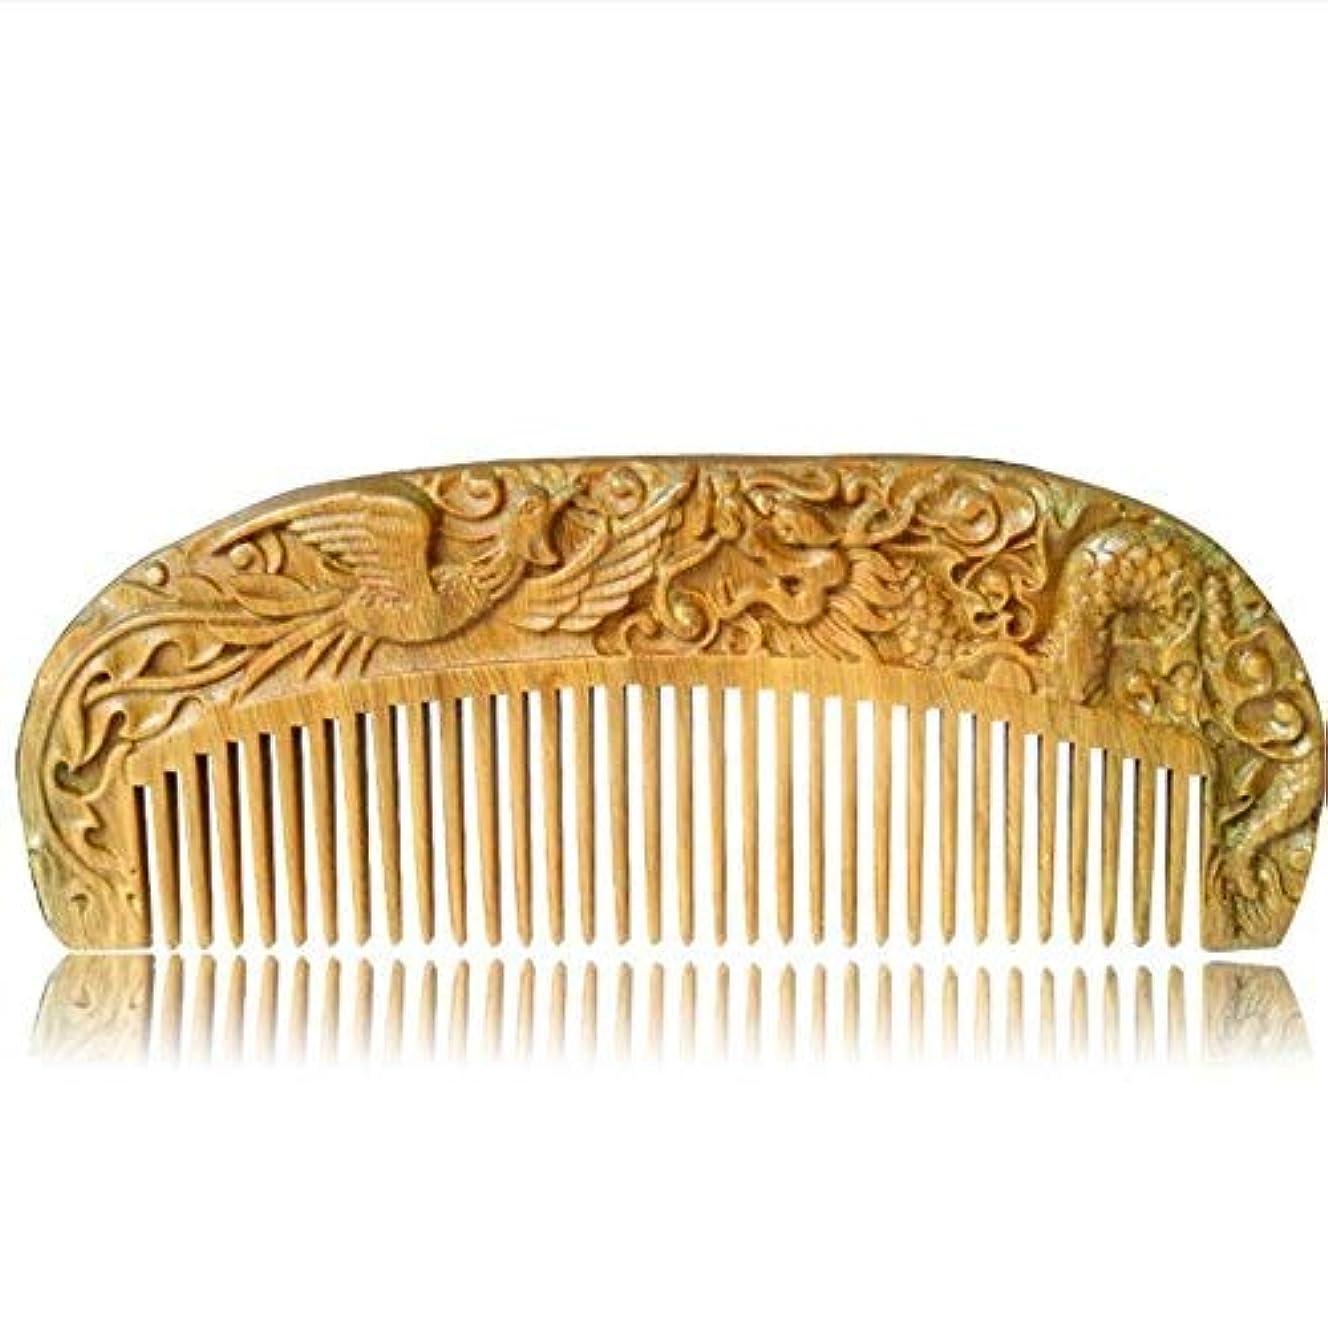 モートずっとレシピHandmade Carved Natural Sandalwood Hair Comb - Anti-Static Sandalwood Hair Comb Beard Brush Rake Comb Handmade...